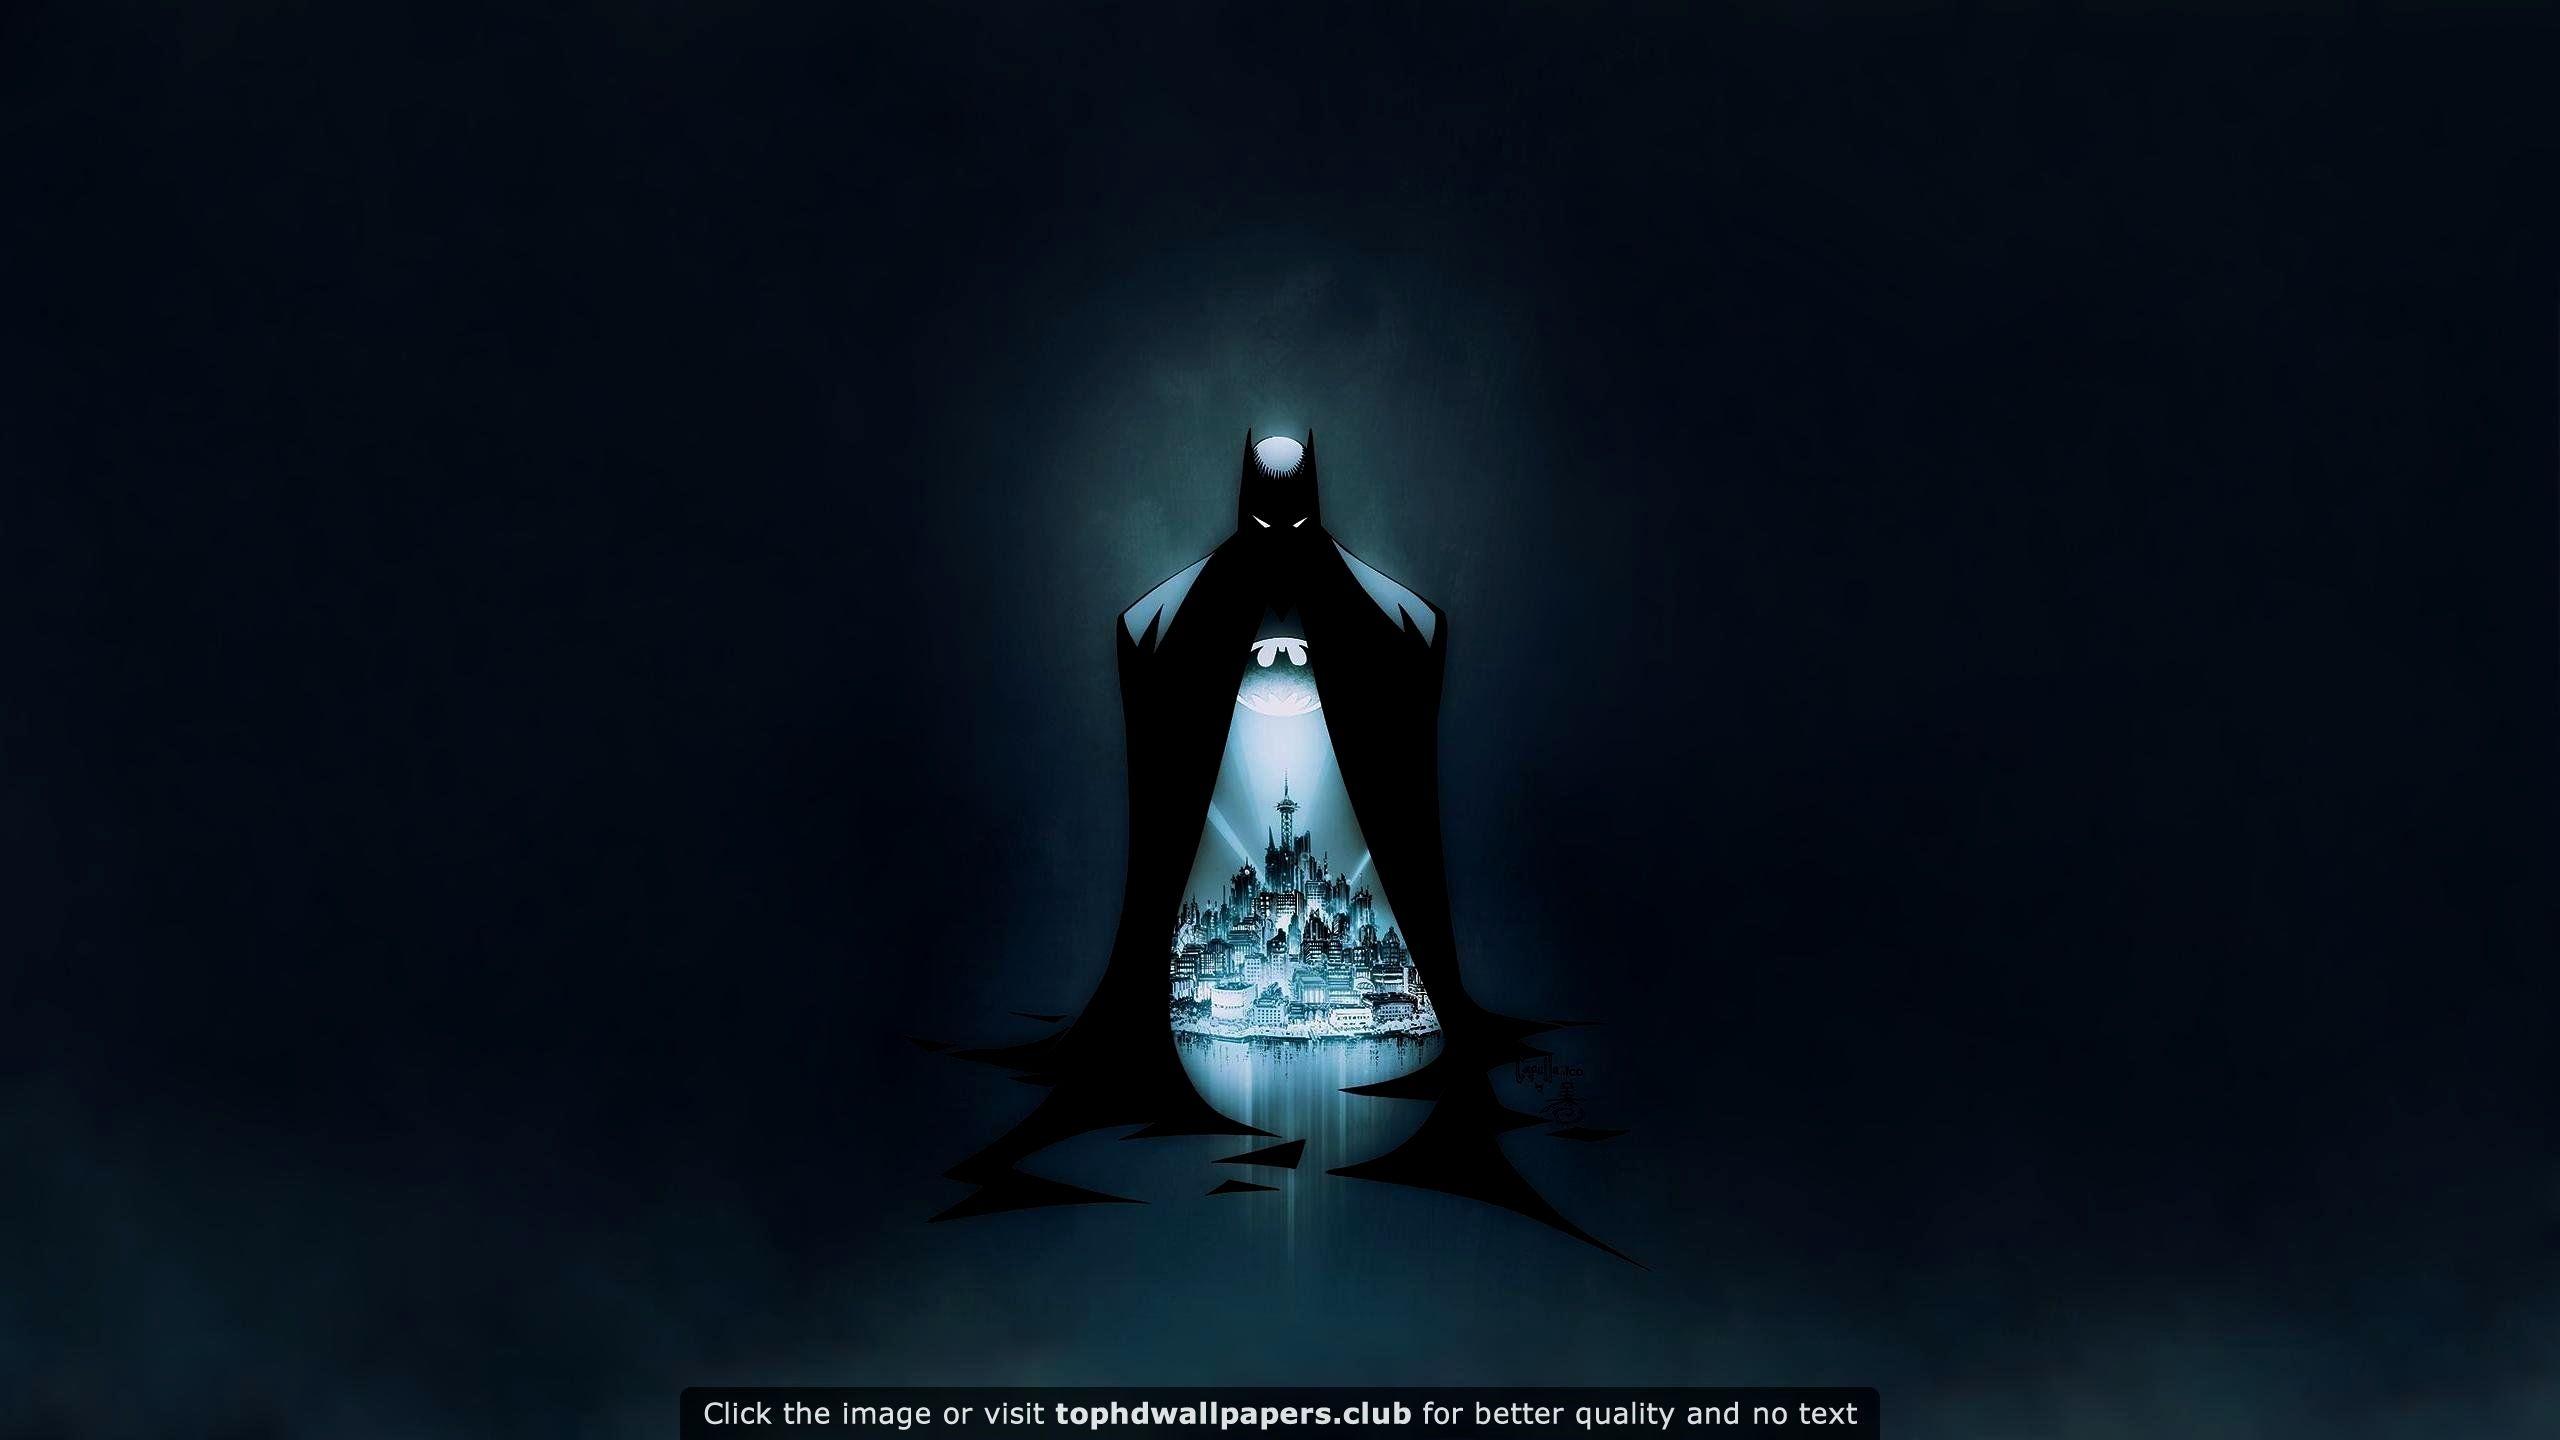 Batman Hd Wallpaper 4k Pc Gallery